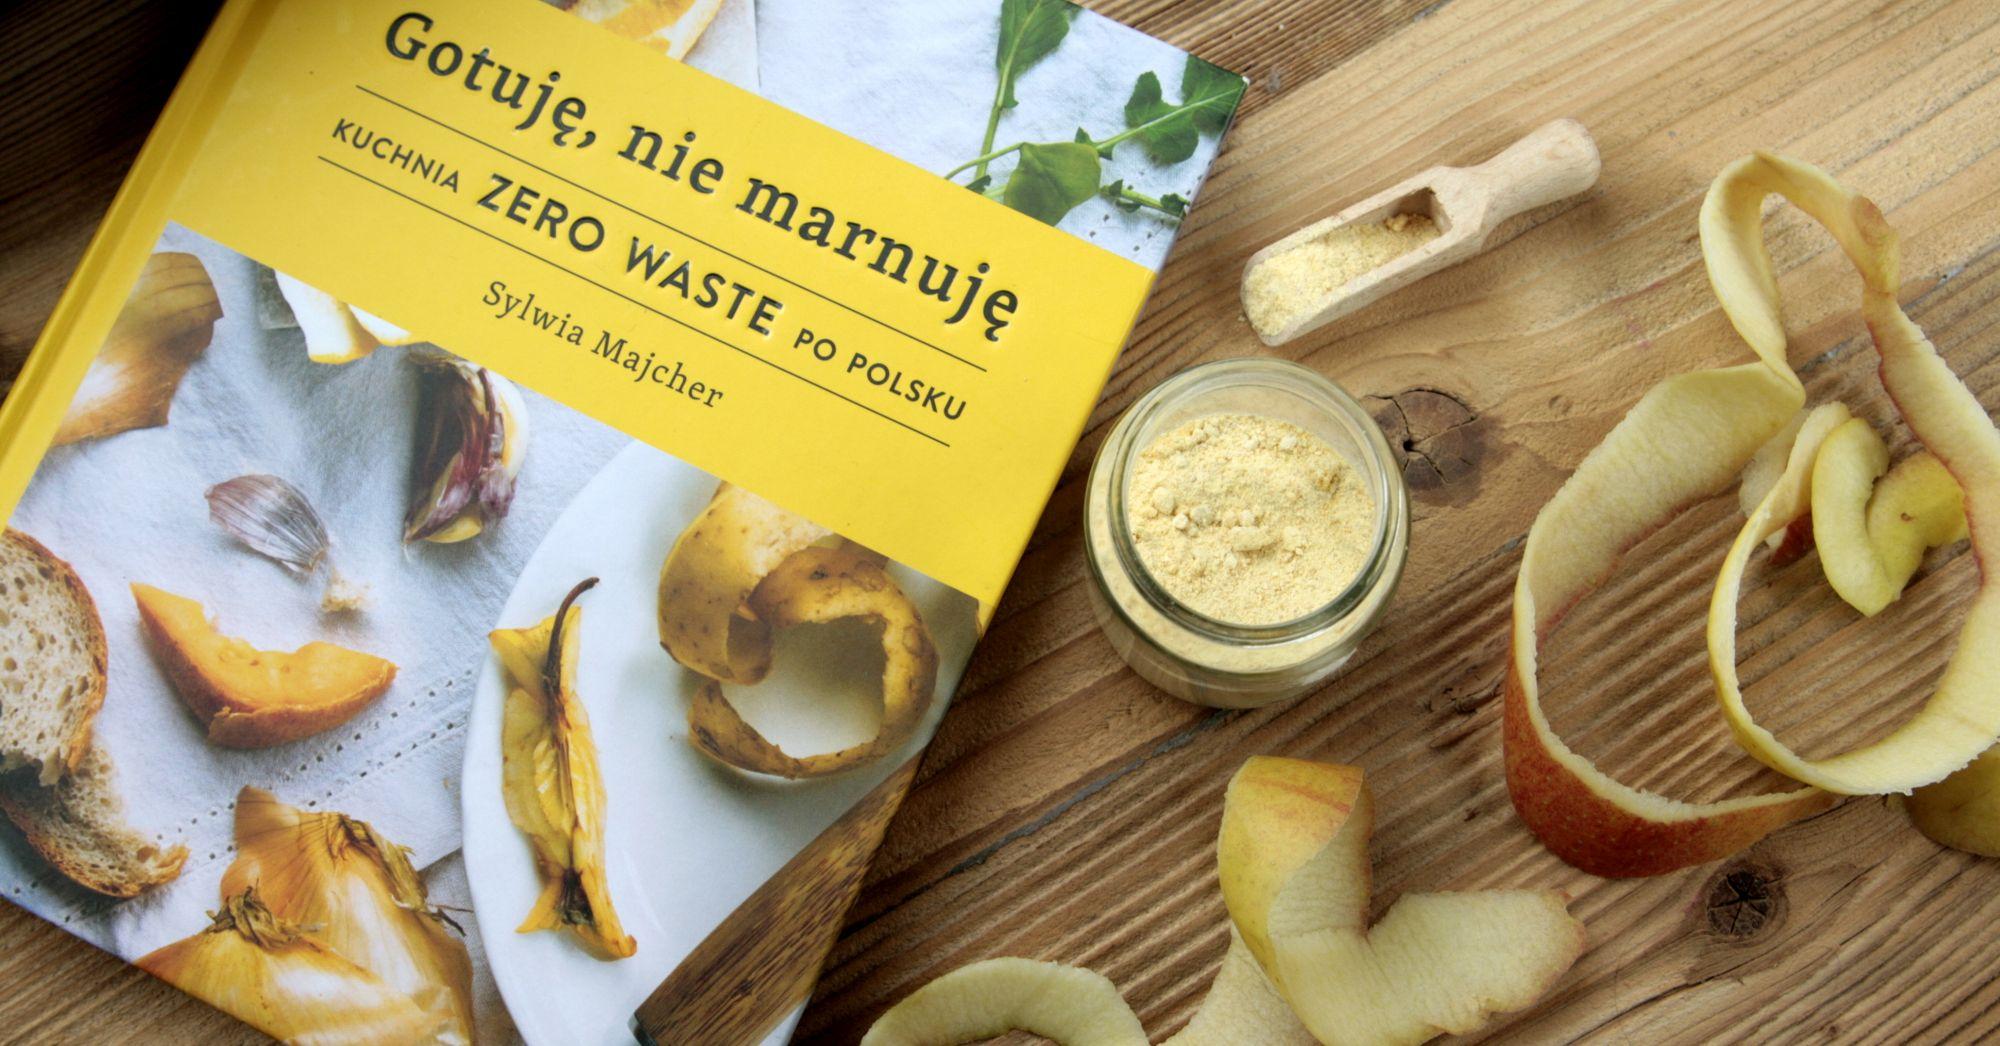 """Jak gotować, by nie marnować – o książce Sylwii Majcher """"Gotuję, nie marnuję"""""""